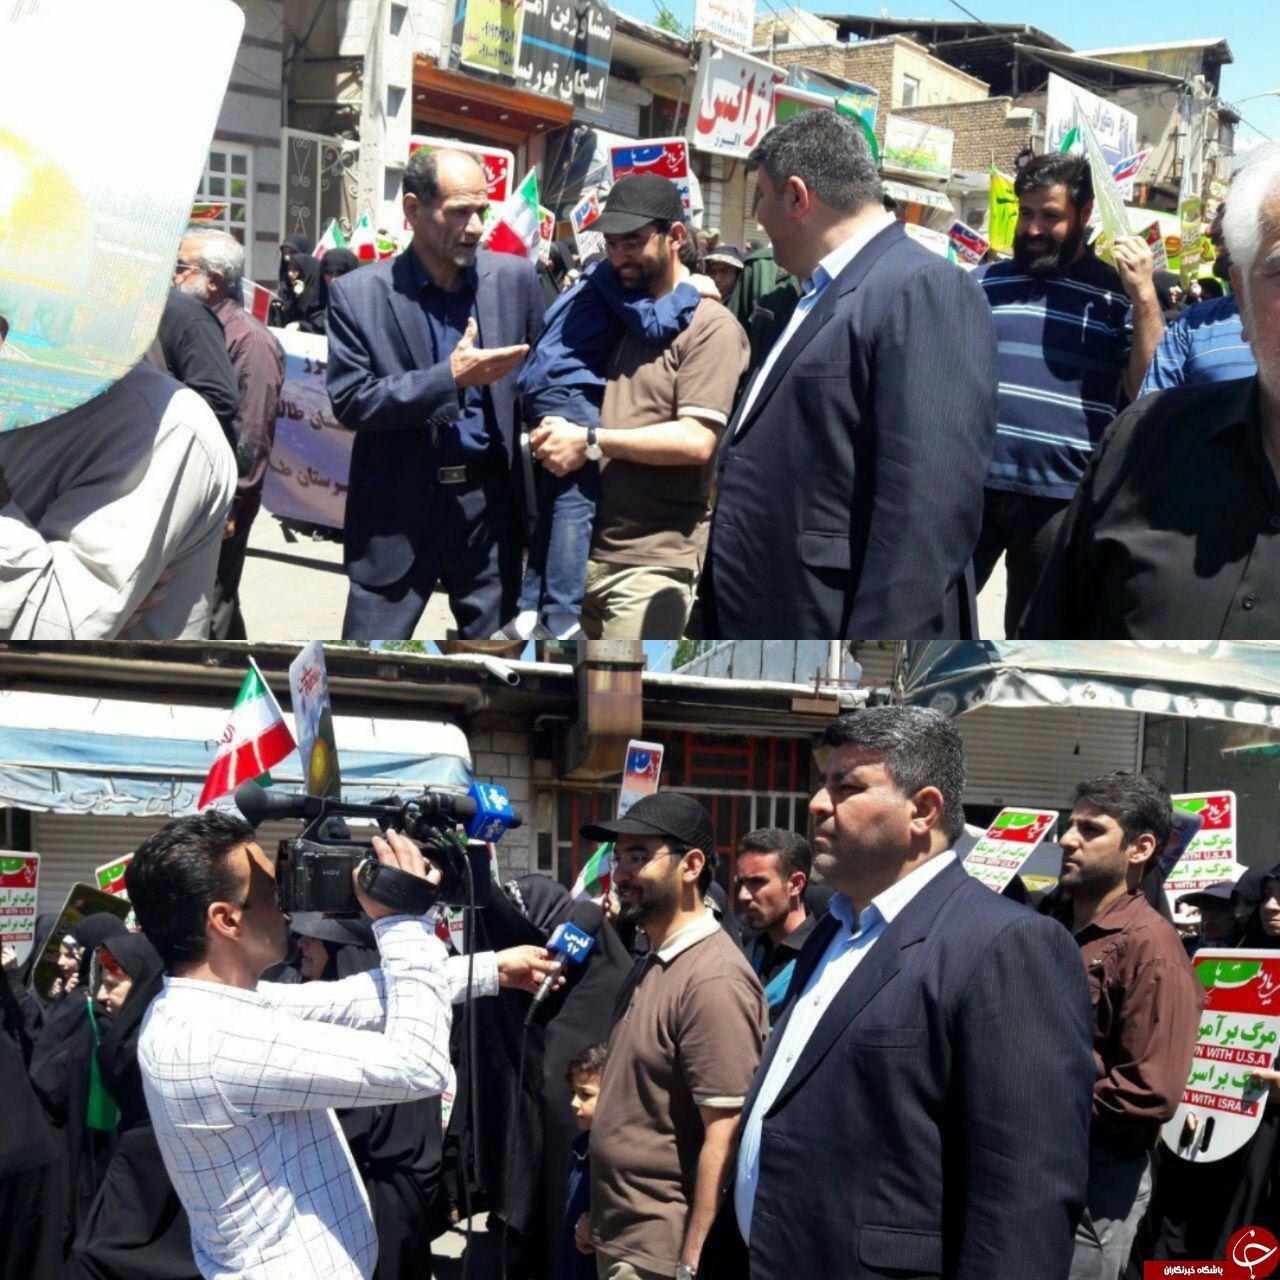 تیپ متفاوت وزیر ارتباطات در راهپیمایی روز قدس +عکس